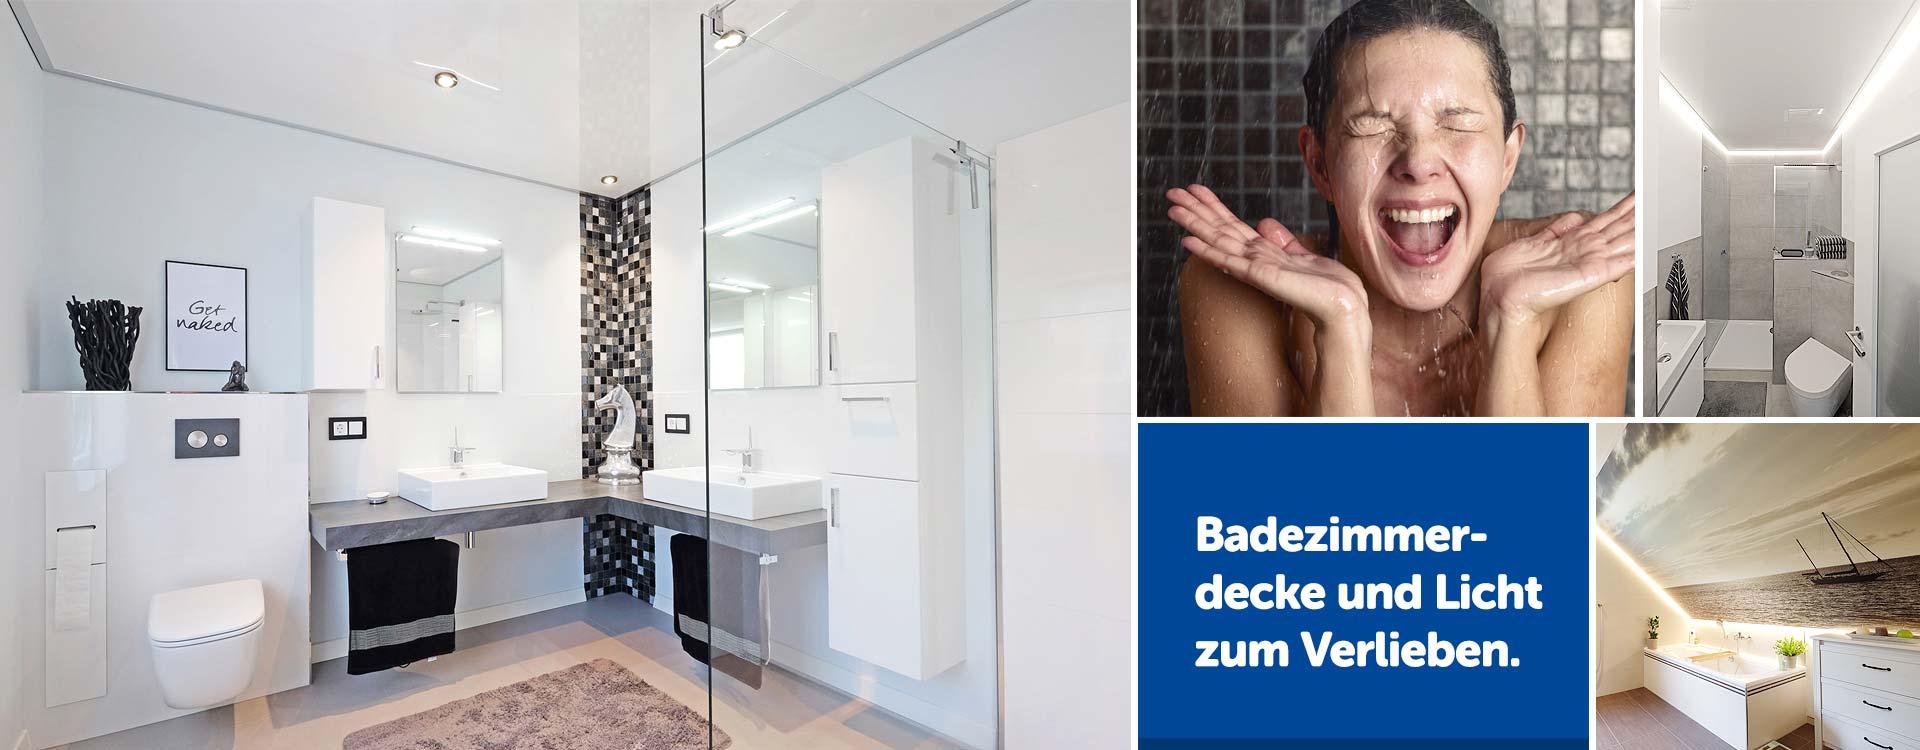 Badezimmerdecke zum Verlieben - PLAMECO-Spanndecken in Siegen